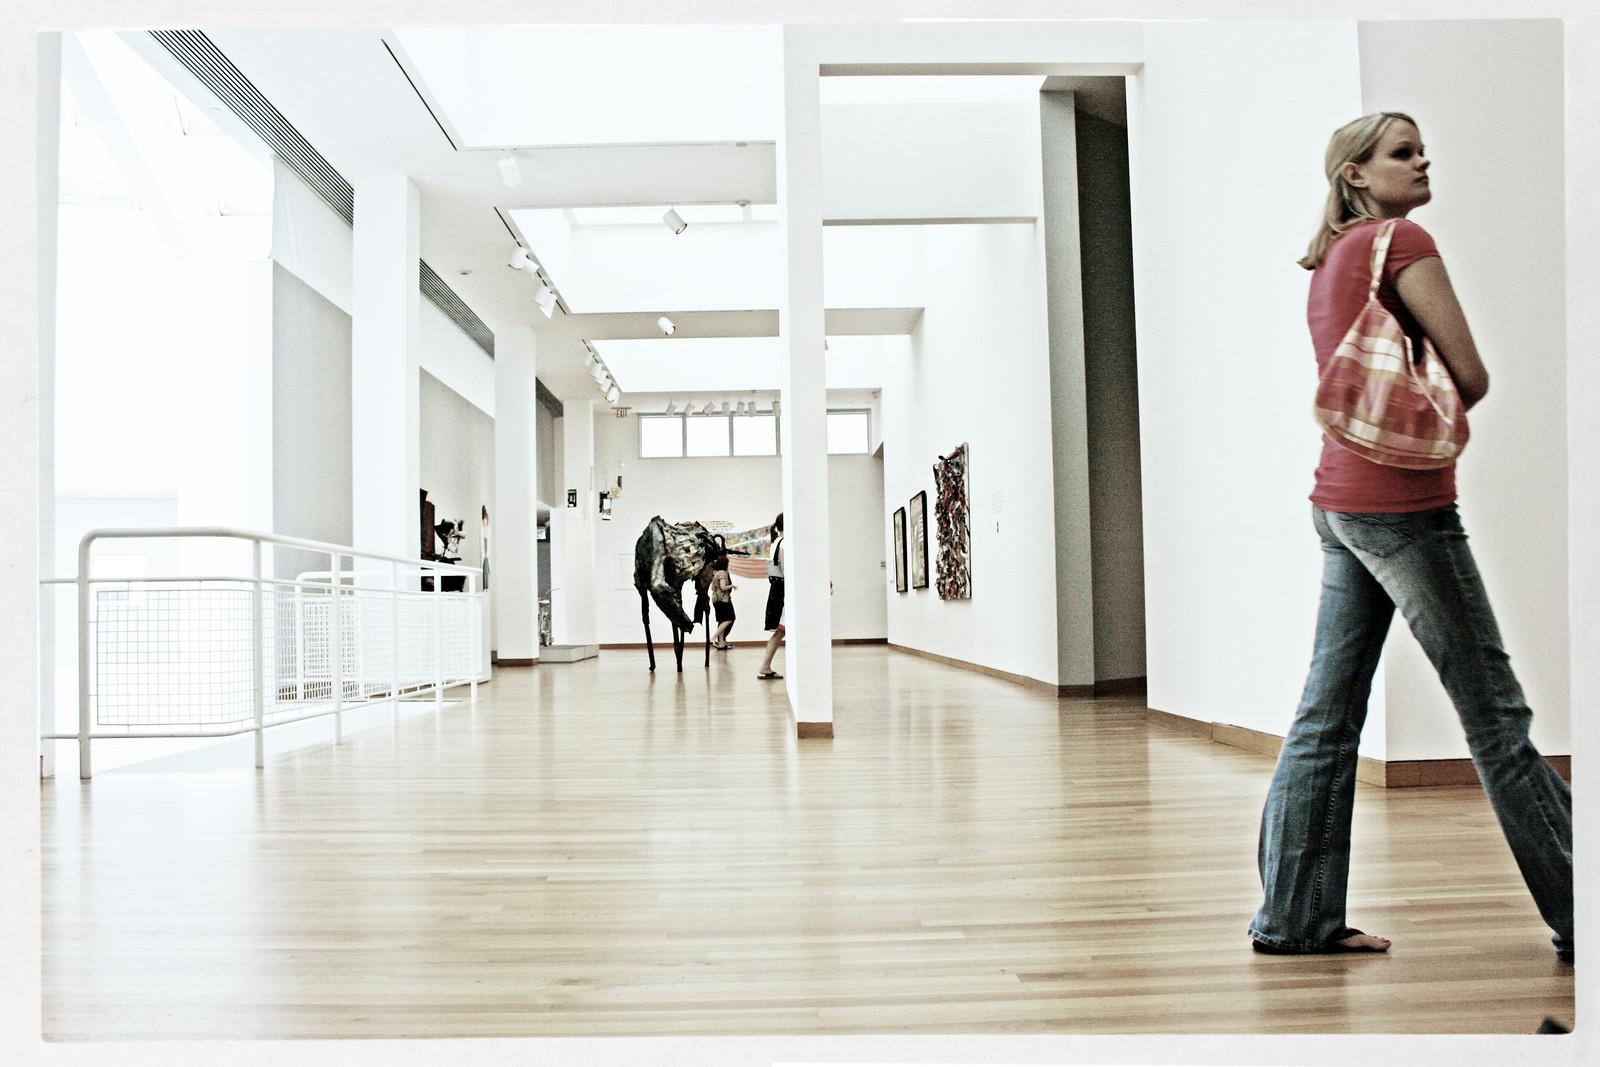 Art Appreciators at the HighMuseum